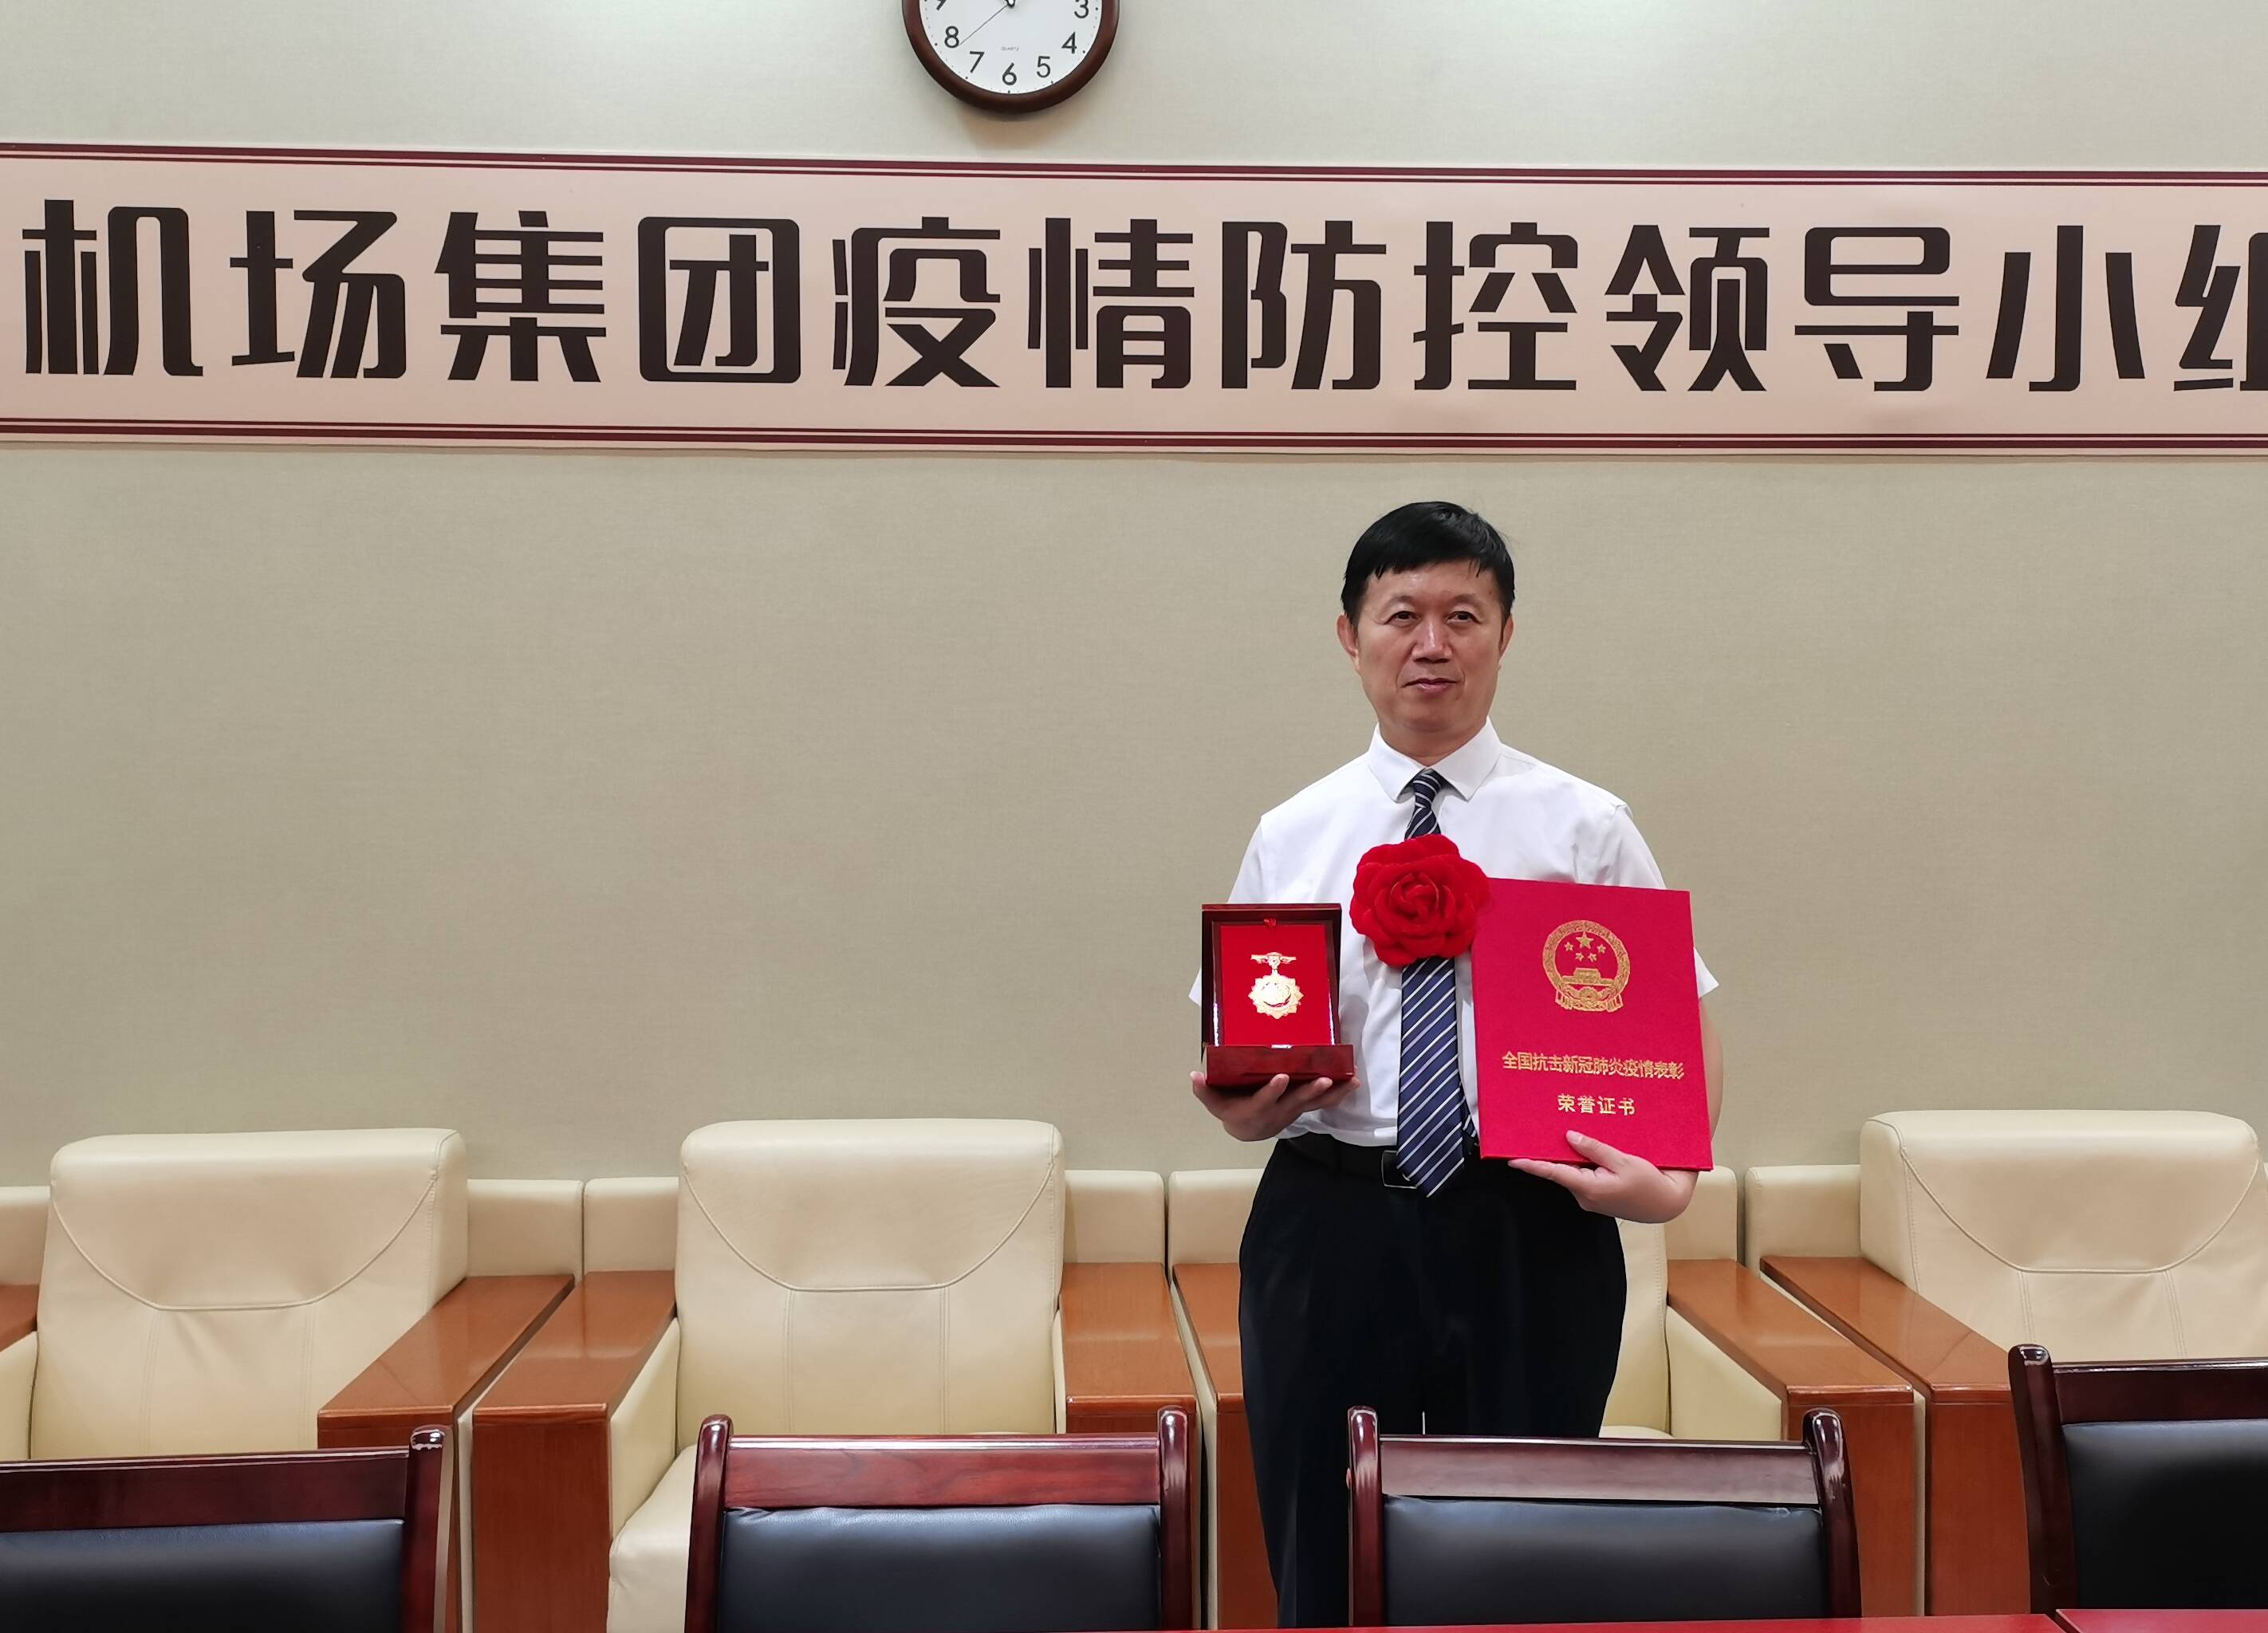 济南国际机场防控办主任赵华清获评全国抗击新冠肺炎疫情先进个人